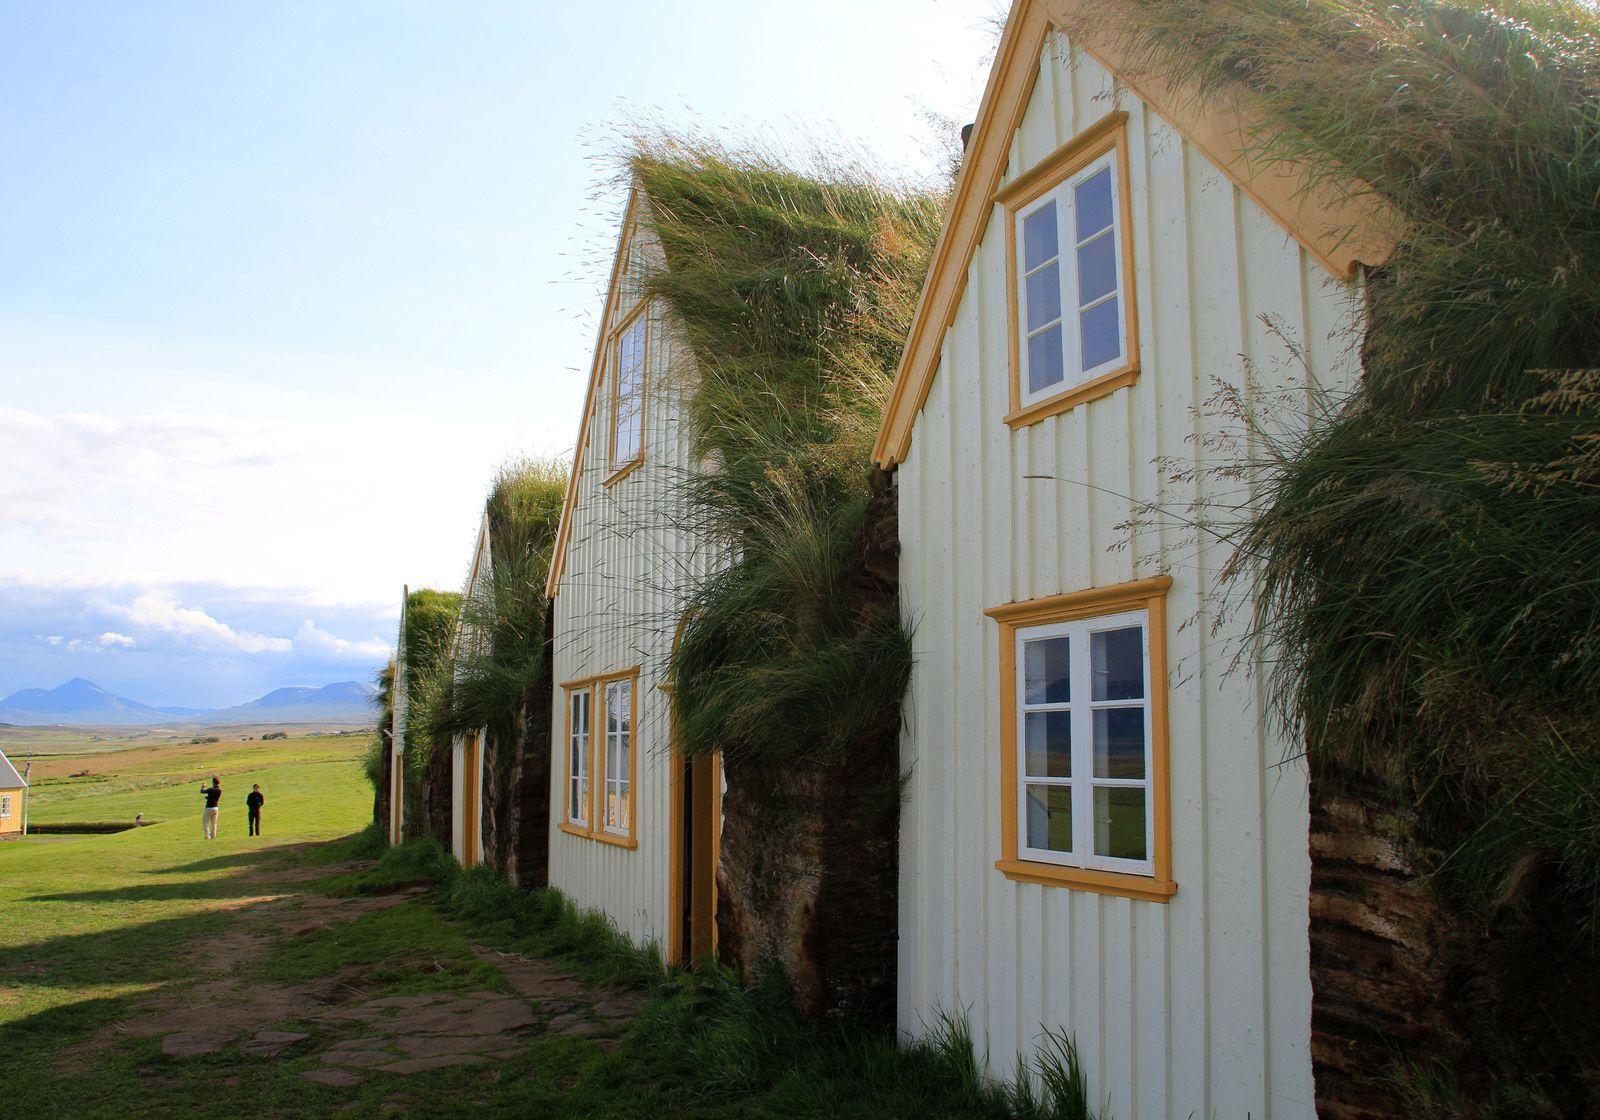 Vacances en Islande - Jour 7